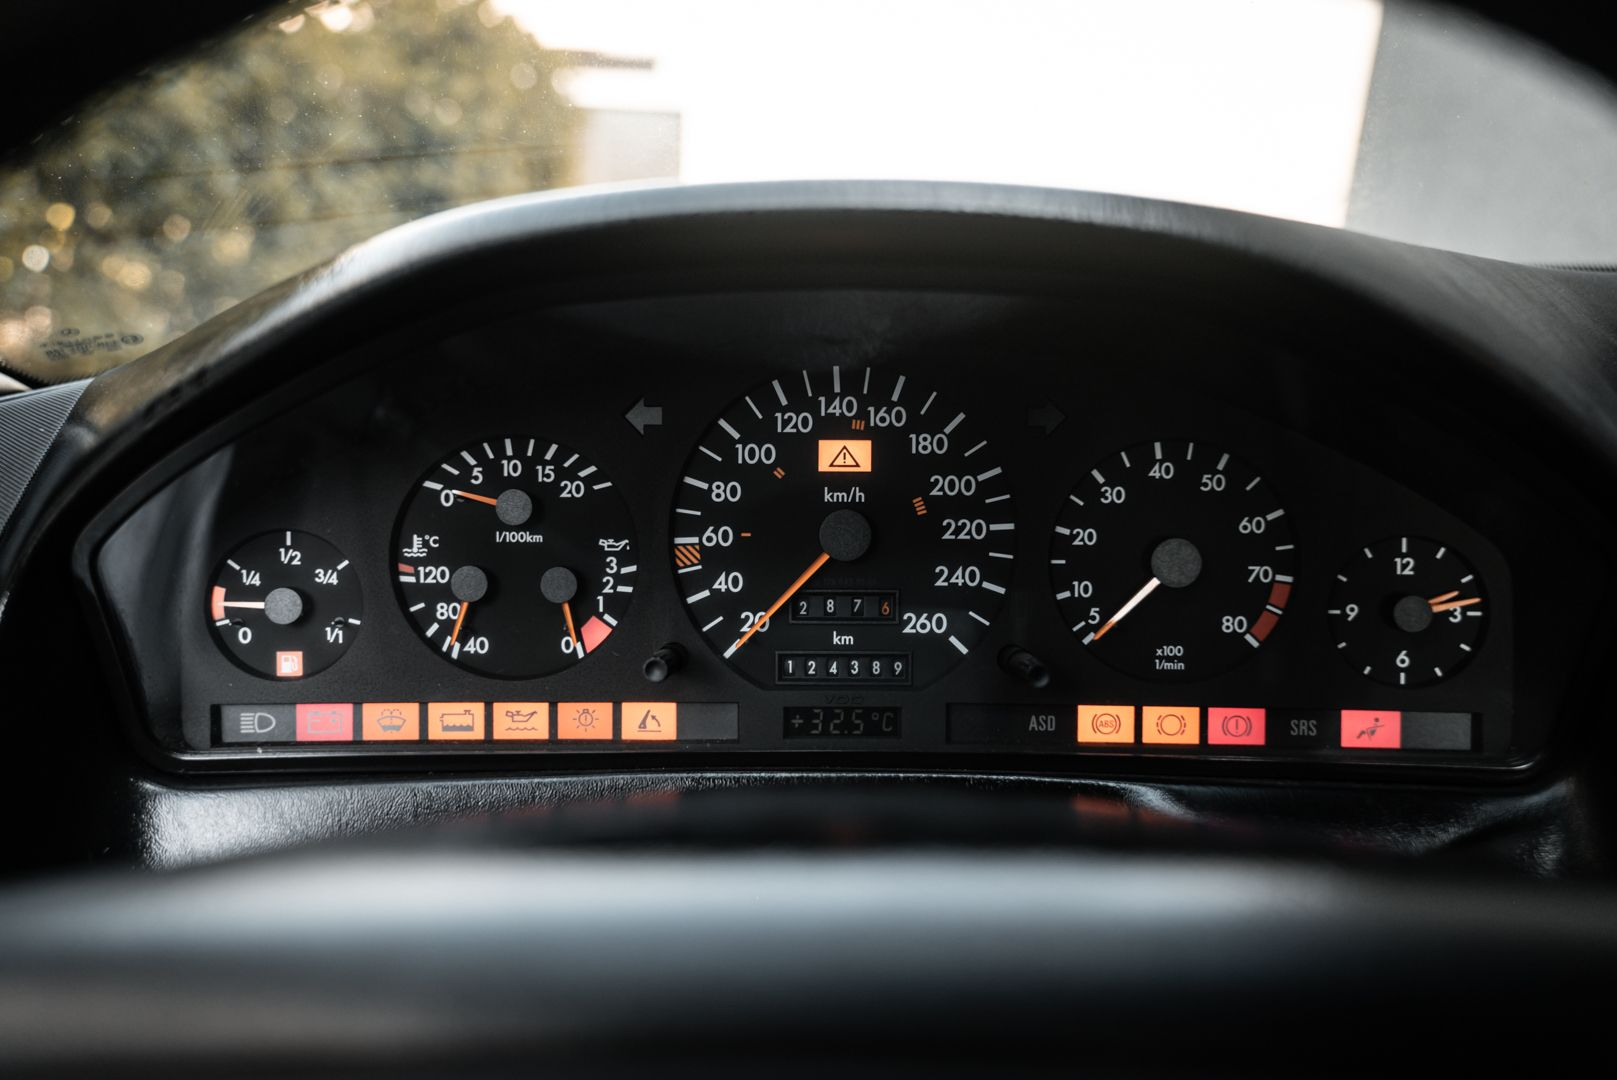 1992 Mercedes Benz 300 SL 24 V 80638